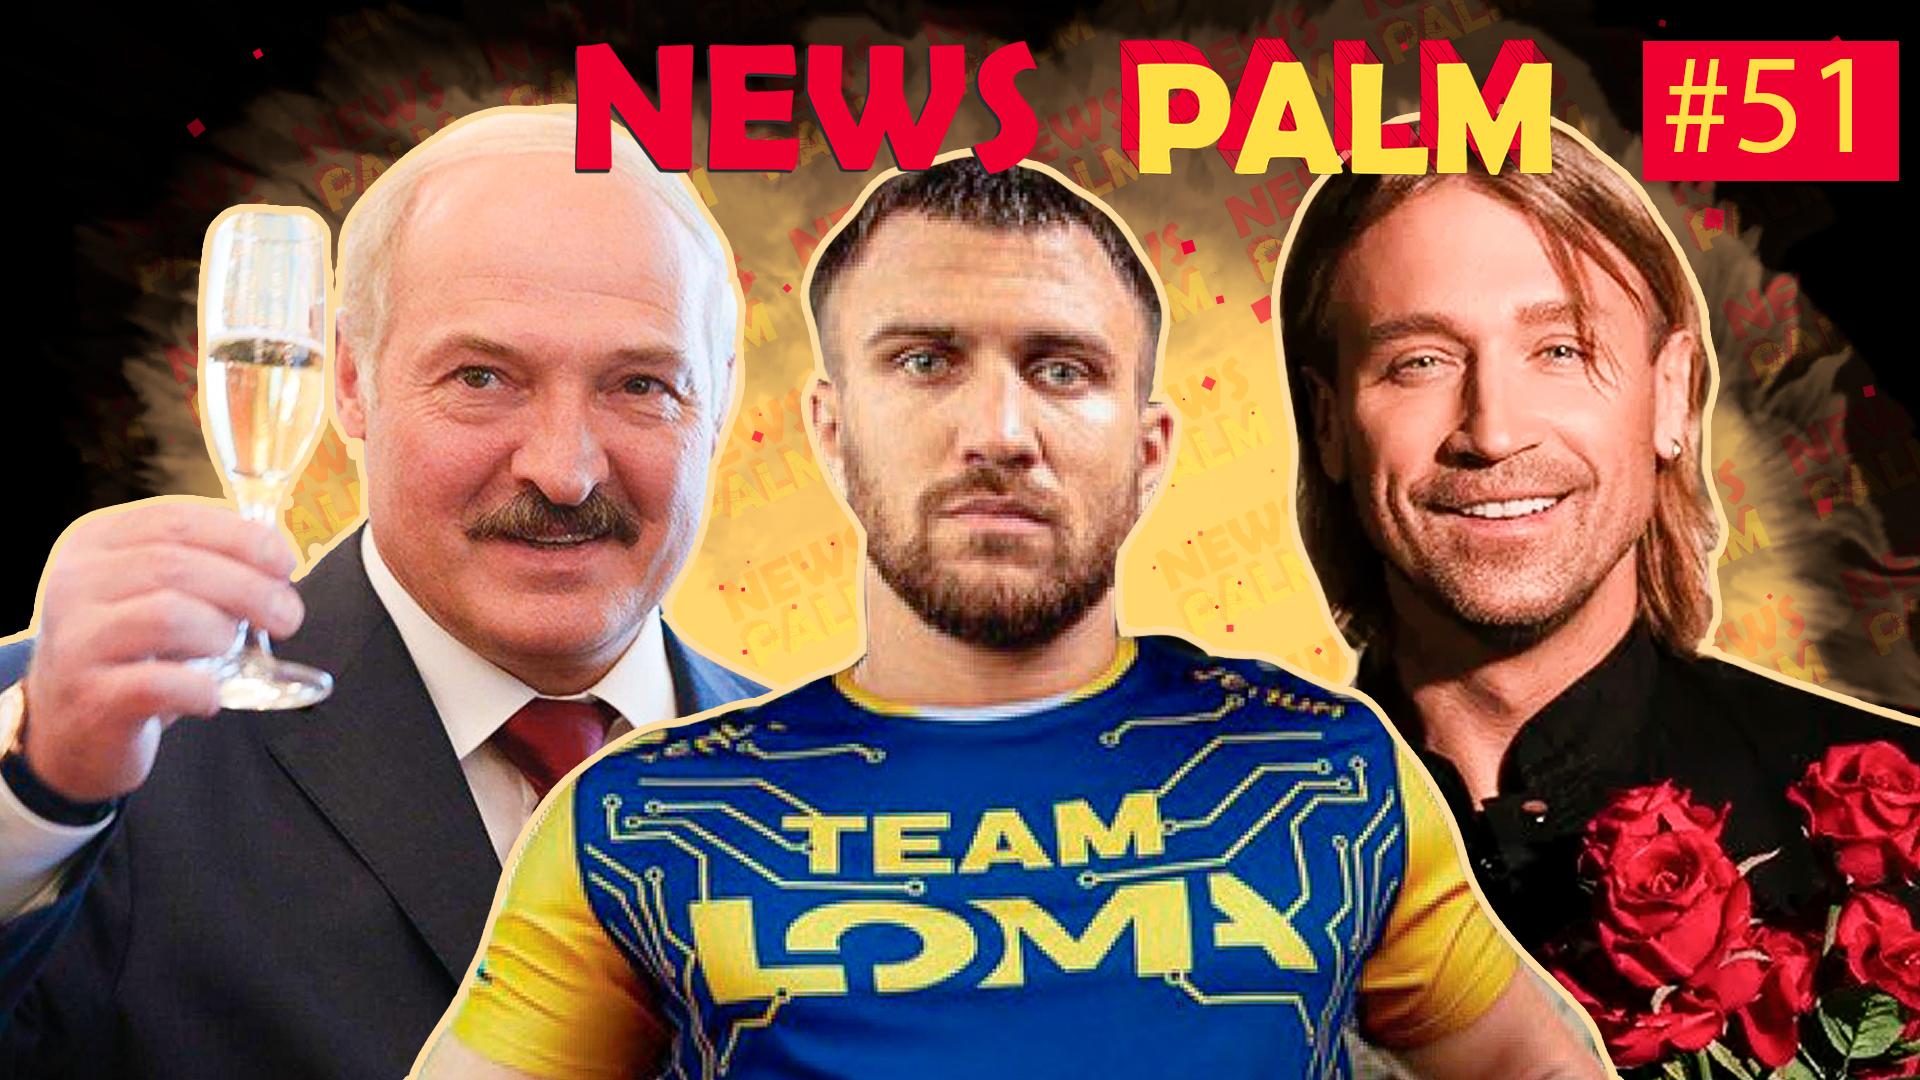 Лукашенко та хокей, Винник не поїде на Балі, оливкова панацея від Ломаченка / Ньюспалм #51